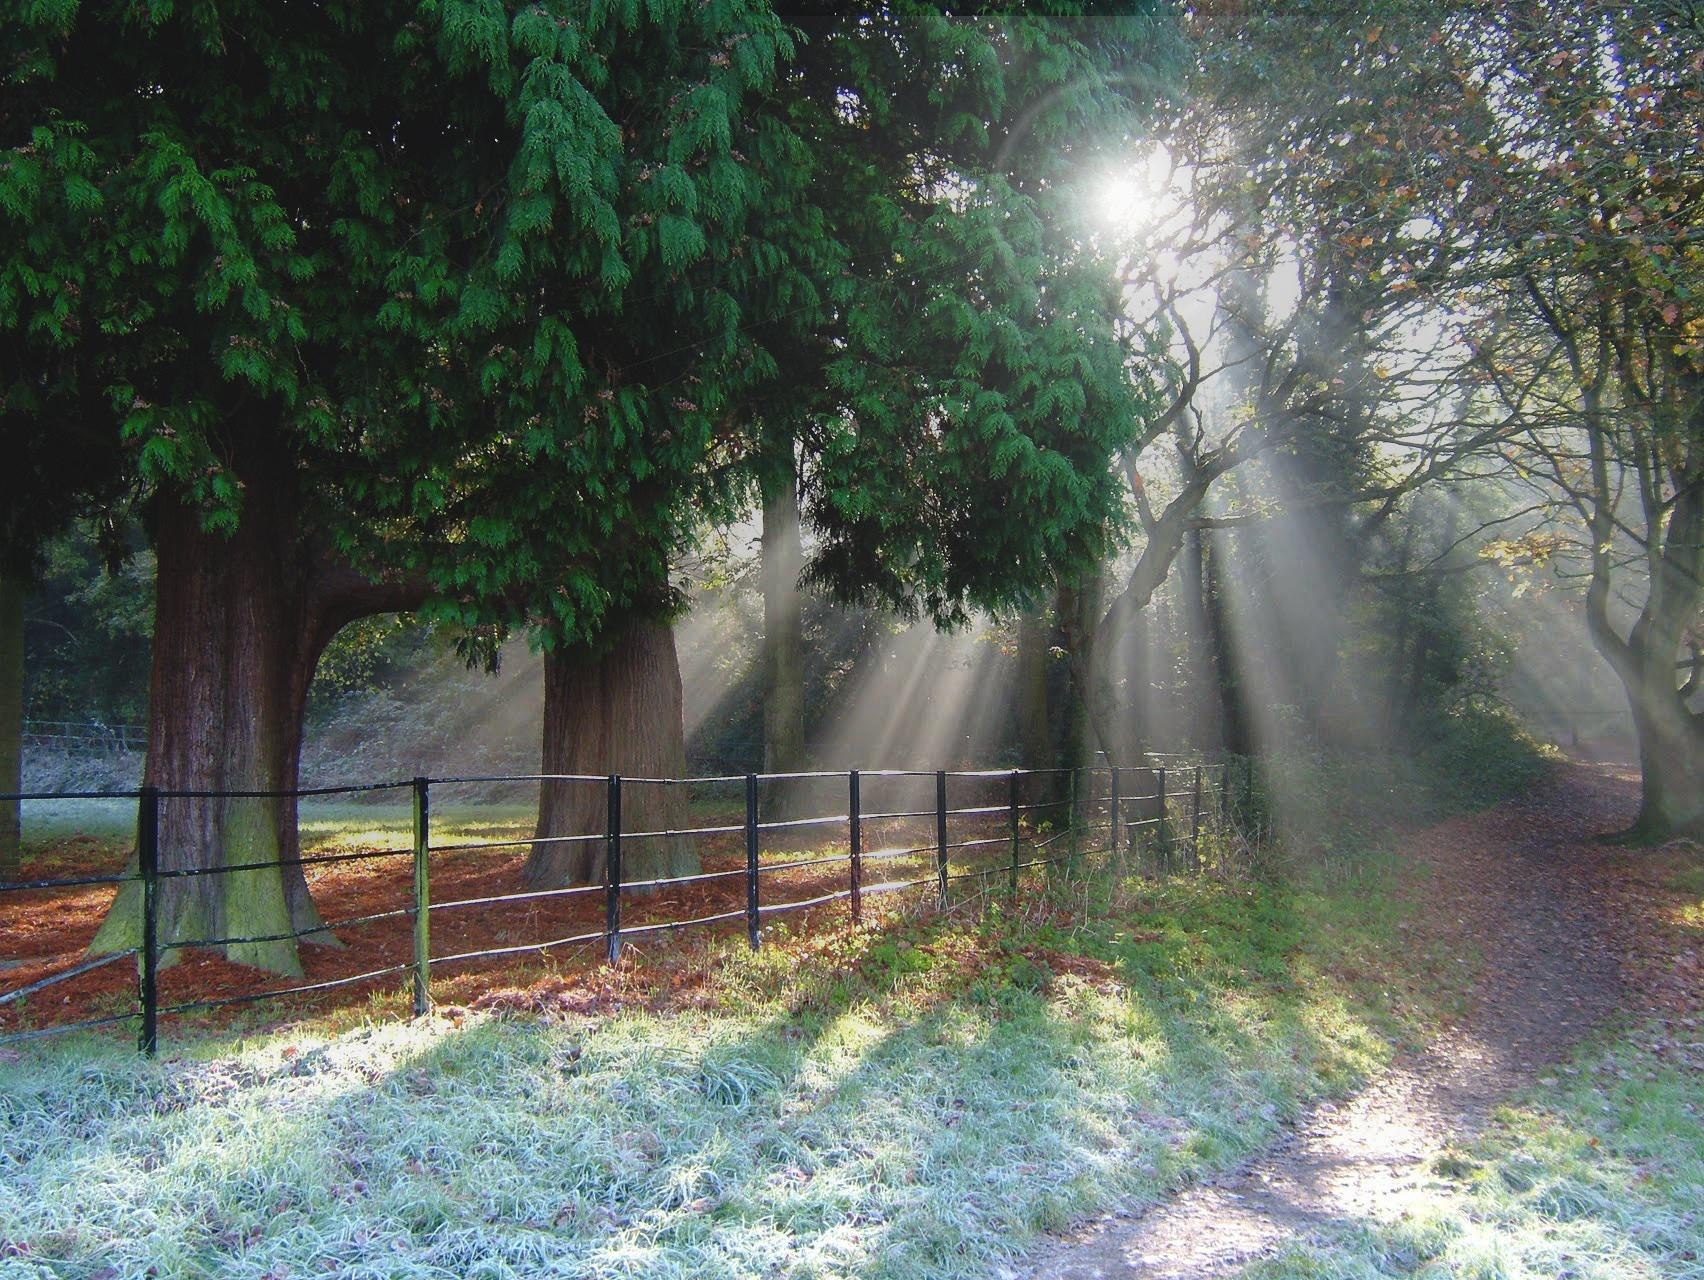 Naturligt-lys-i-skoven.jpg